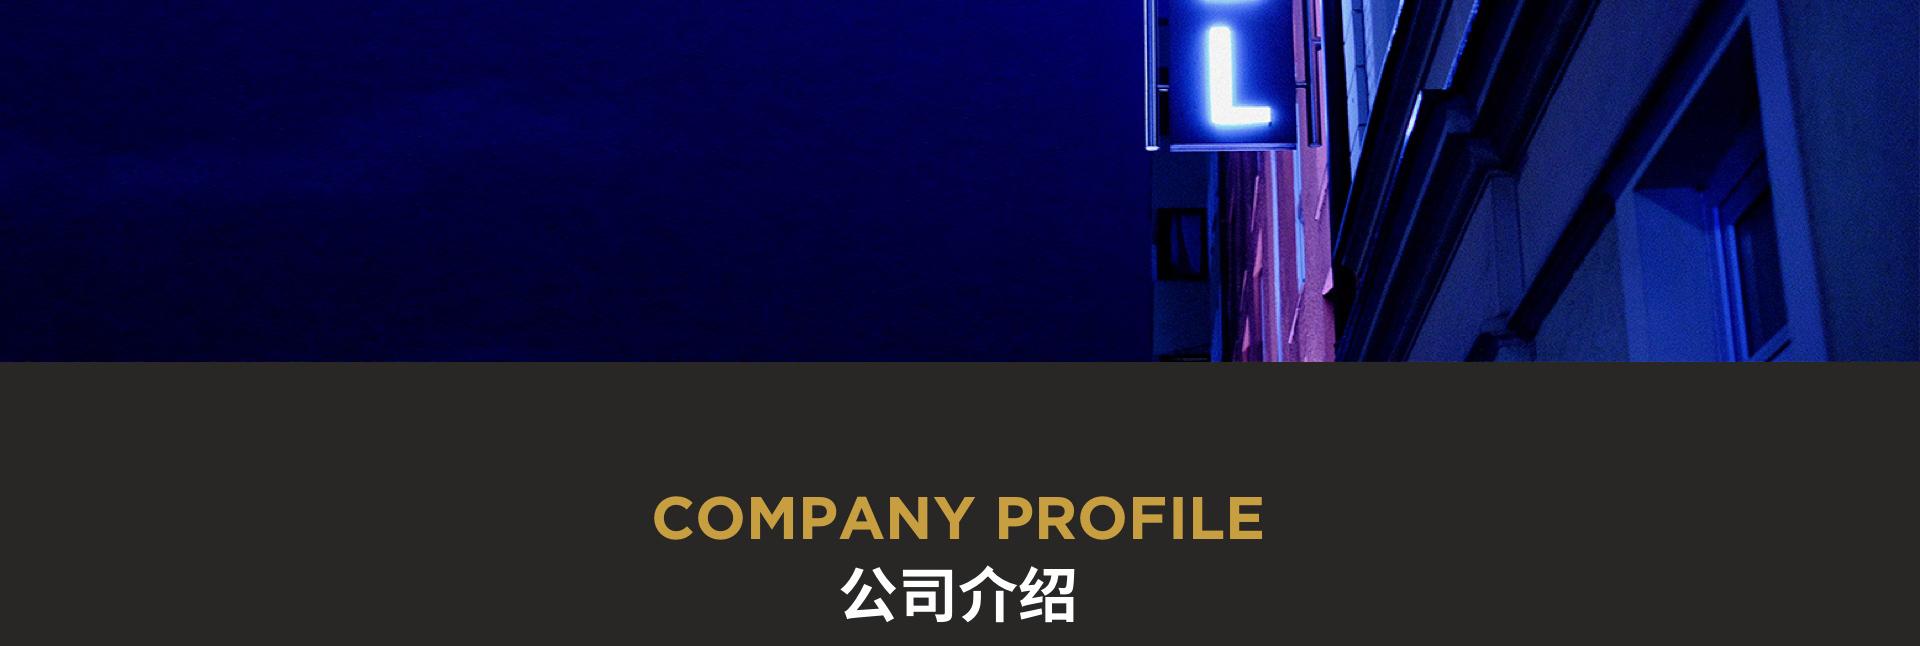 天鹅恋酒店PC_02